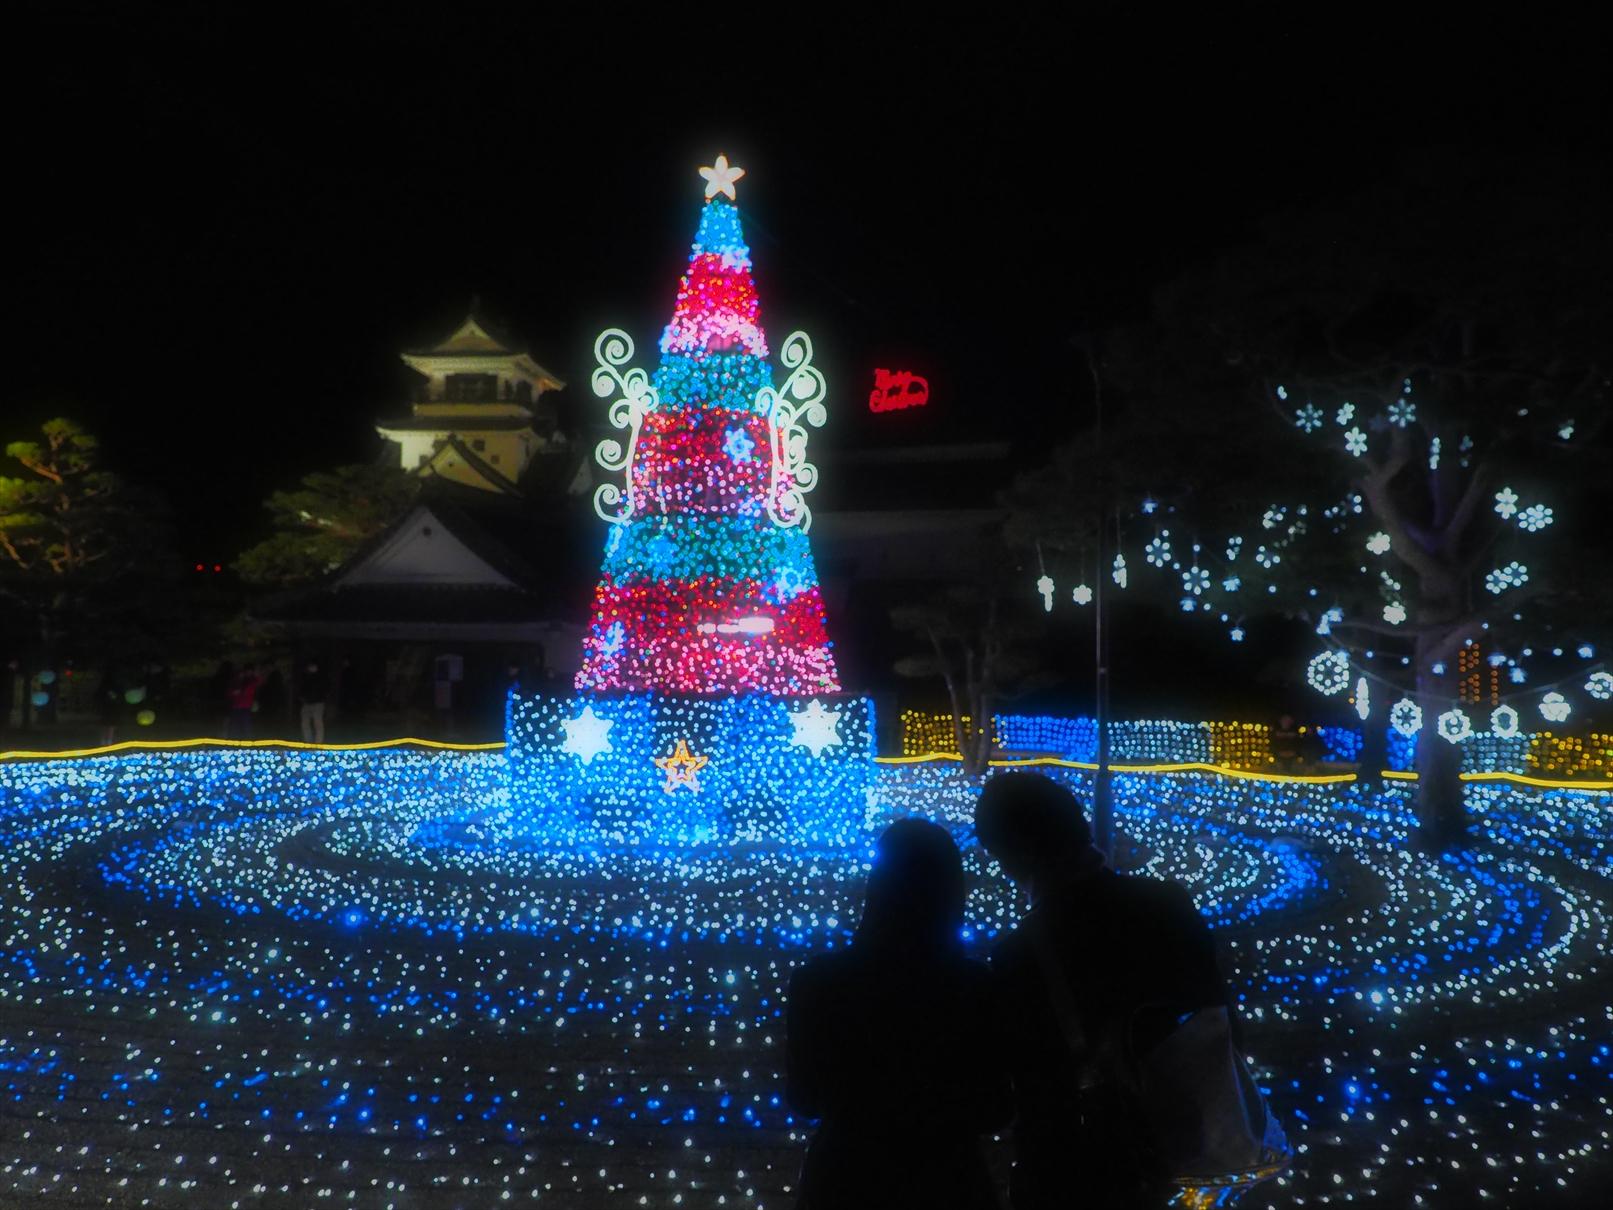 冬の夜のお城まつり 二ノ丸